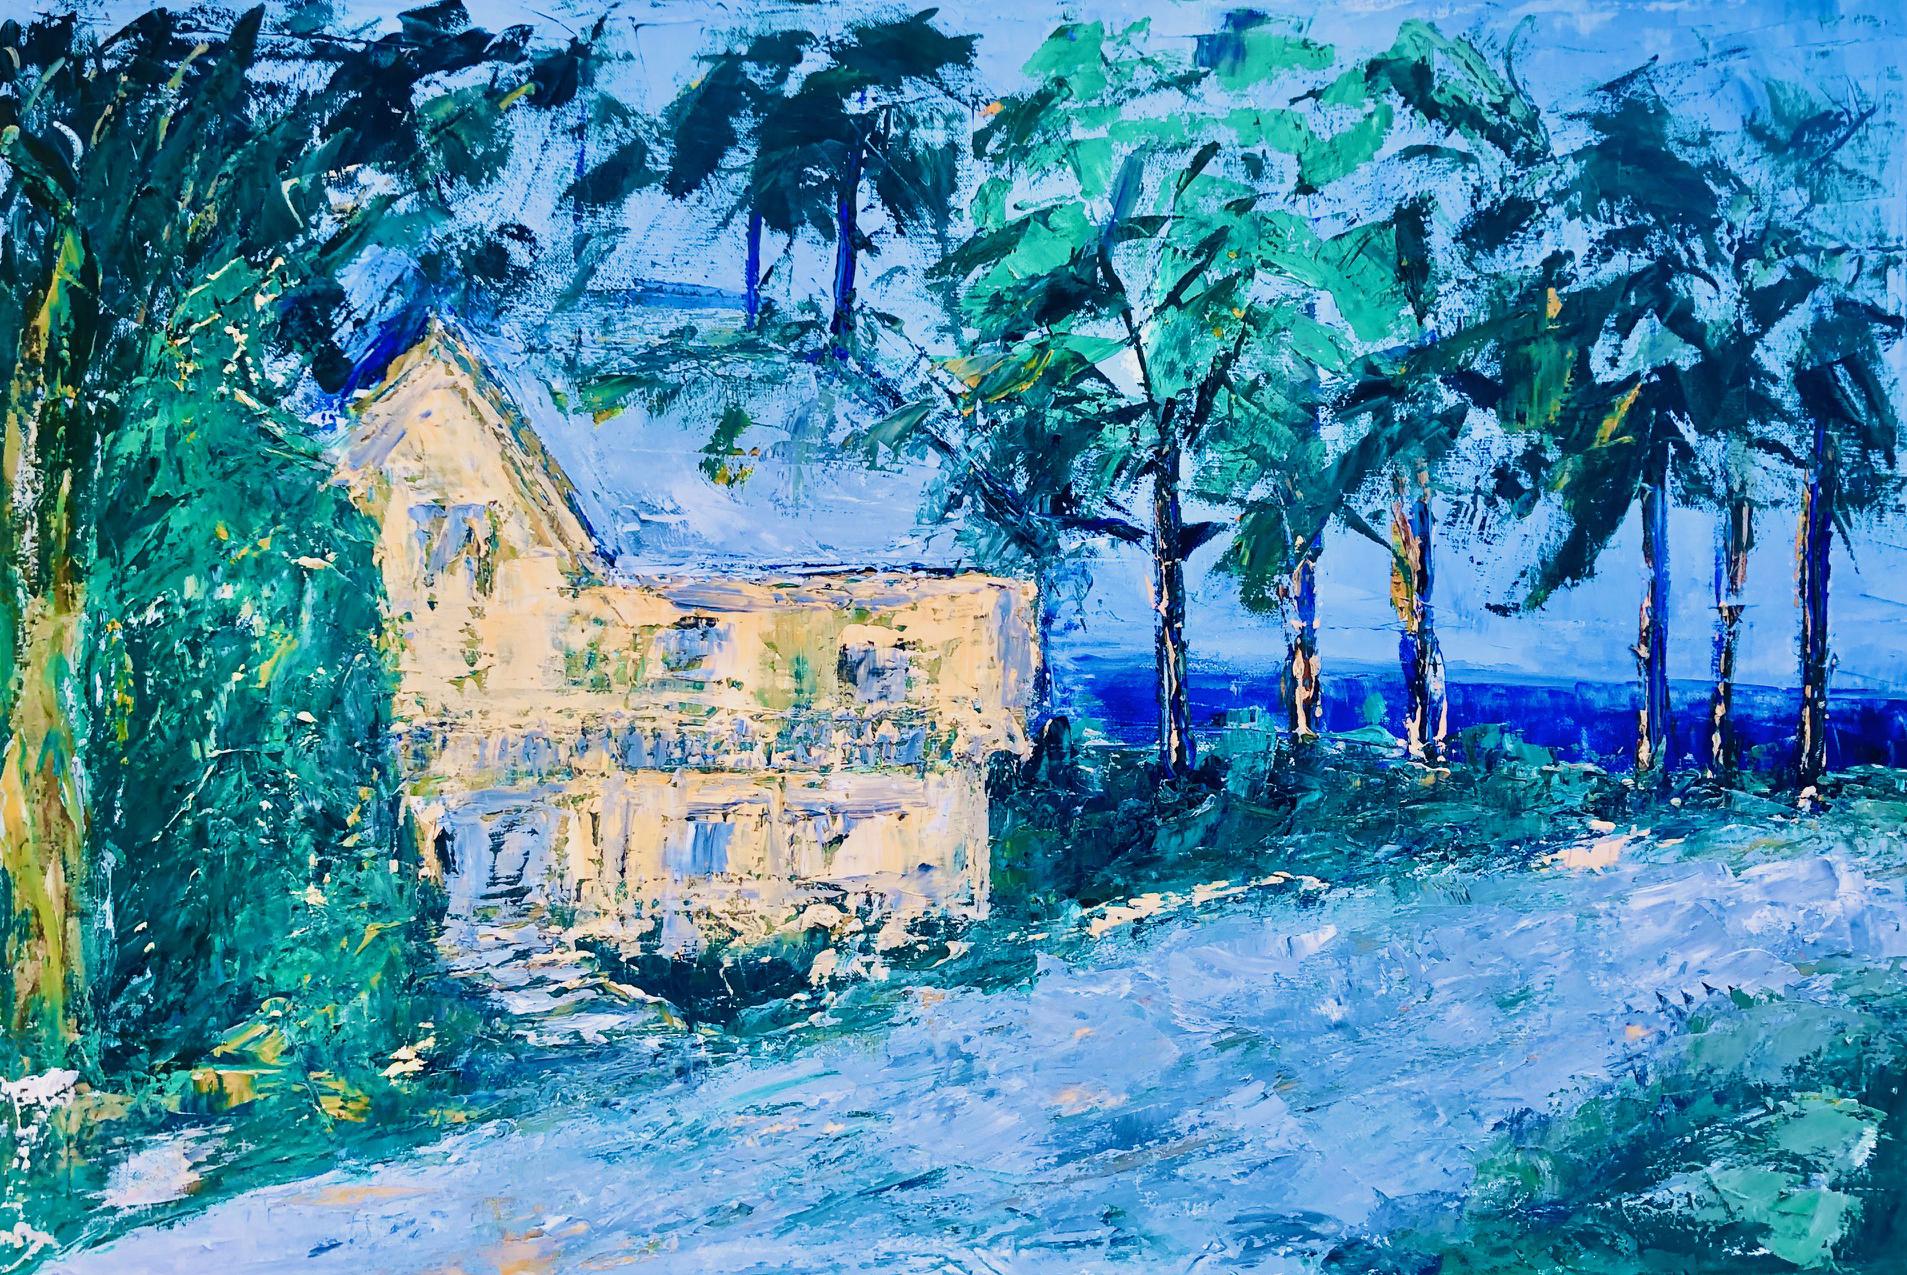 Chautauqua House